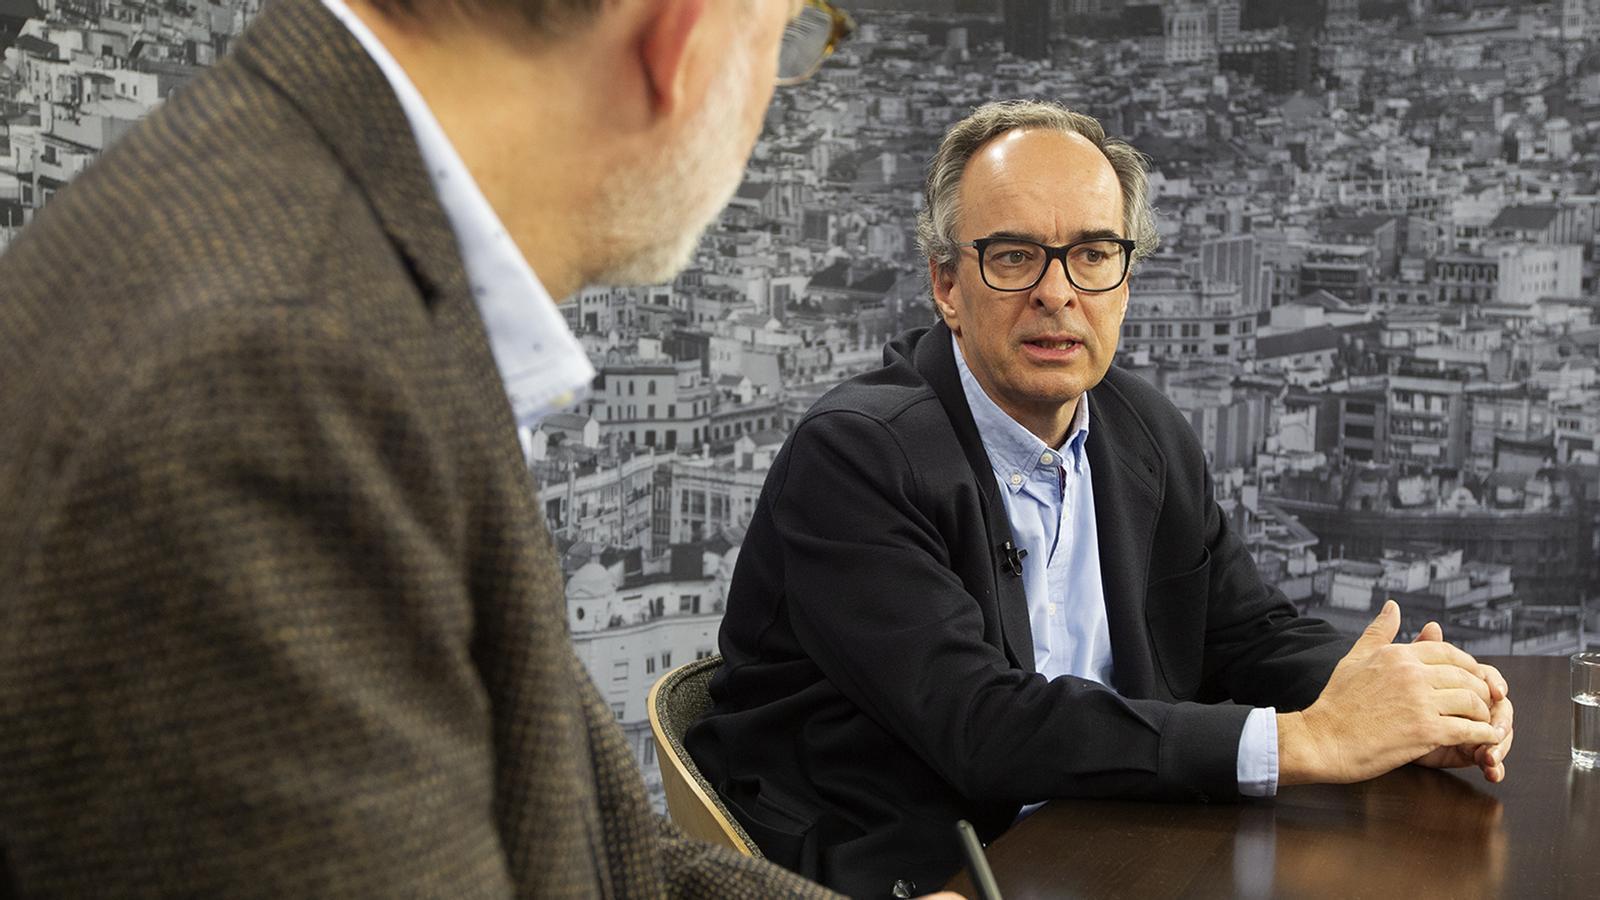 Entrevista d'Antoni Bassas al Dr. Joaquín López-Contreras